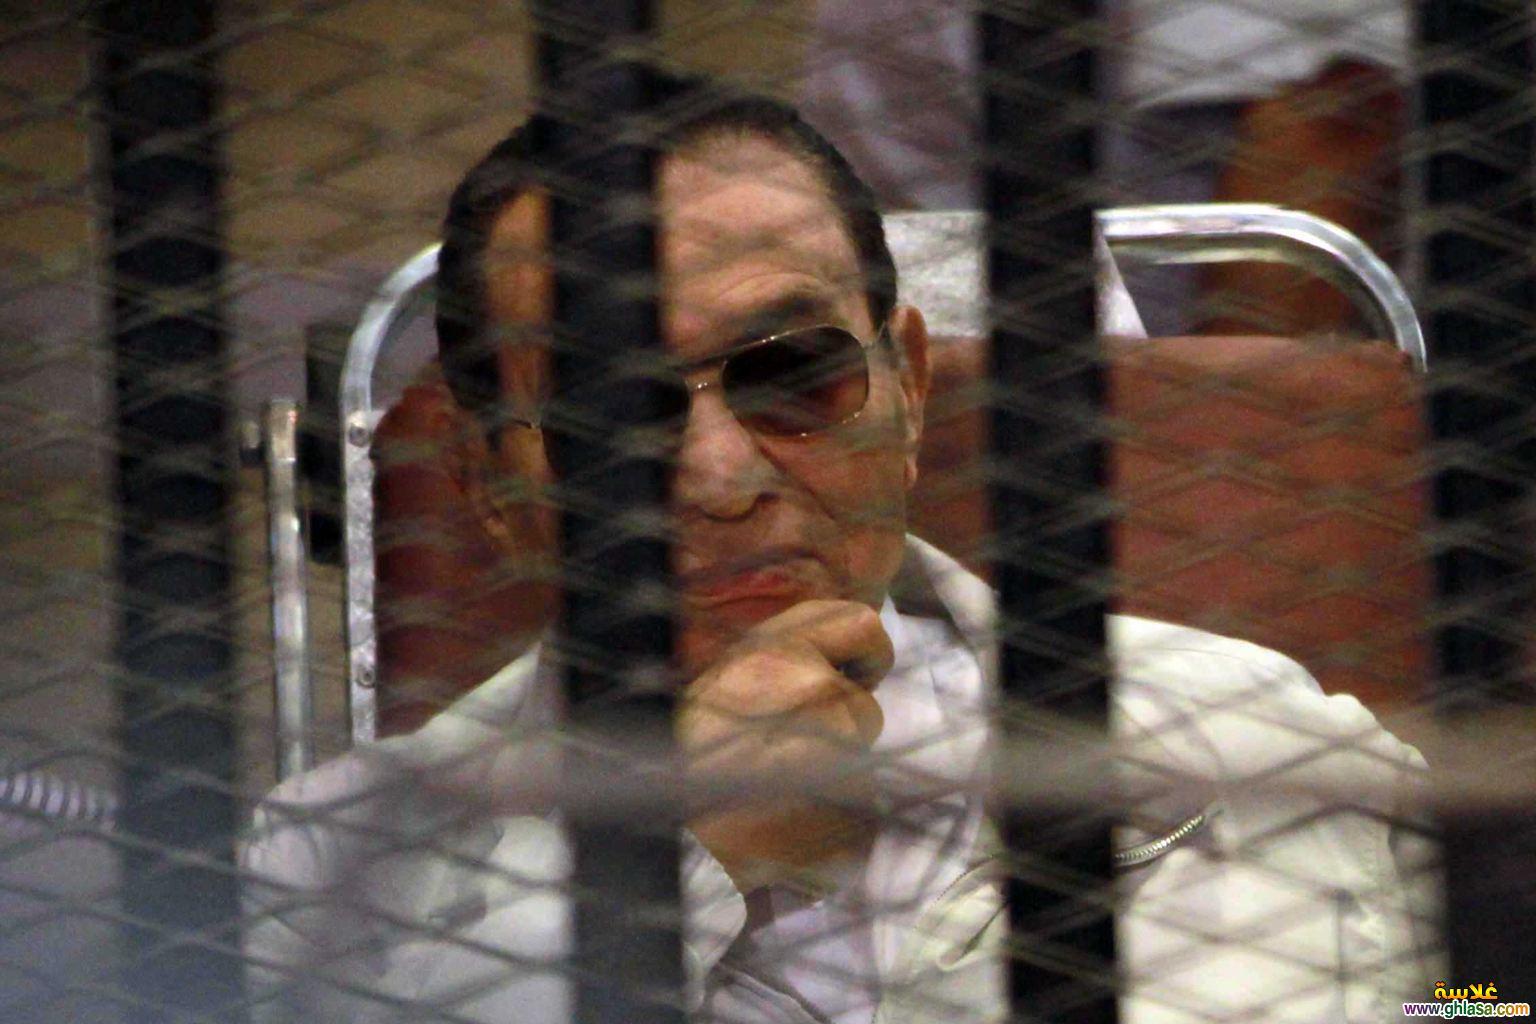 اول صور  مبارك خارج السجن 2018 ghlasa1377487719491.jpg